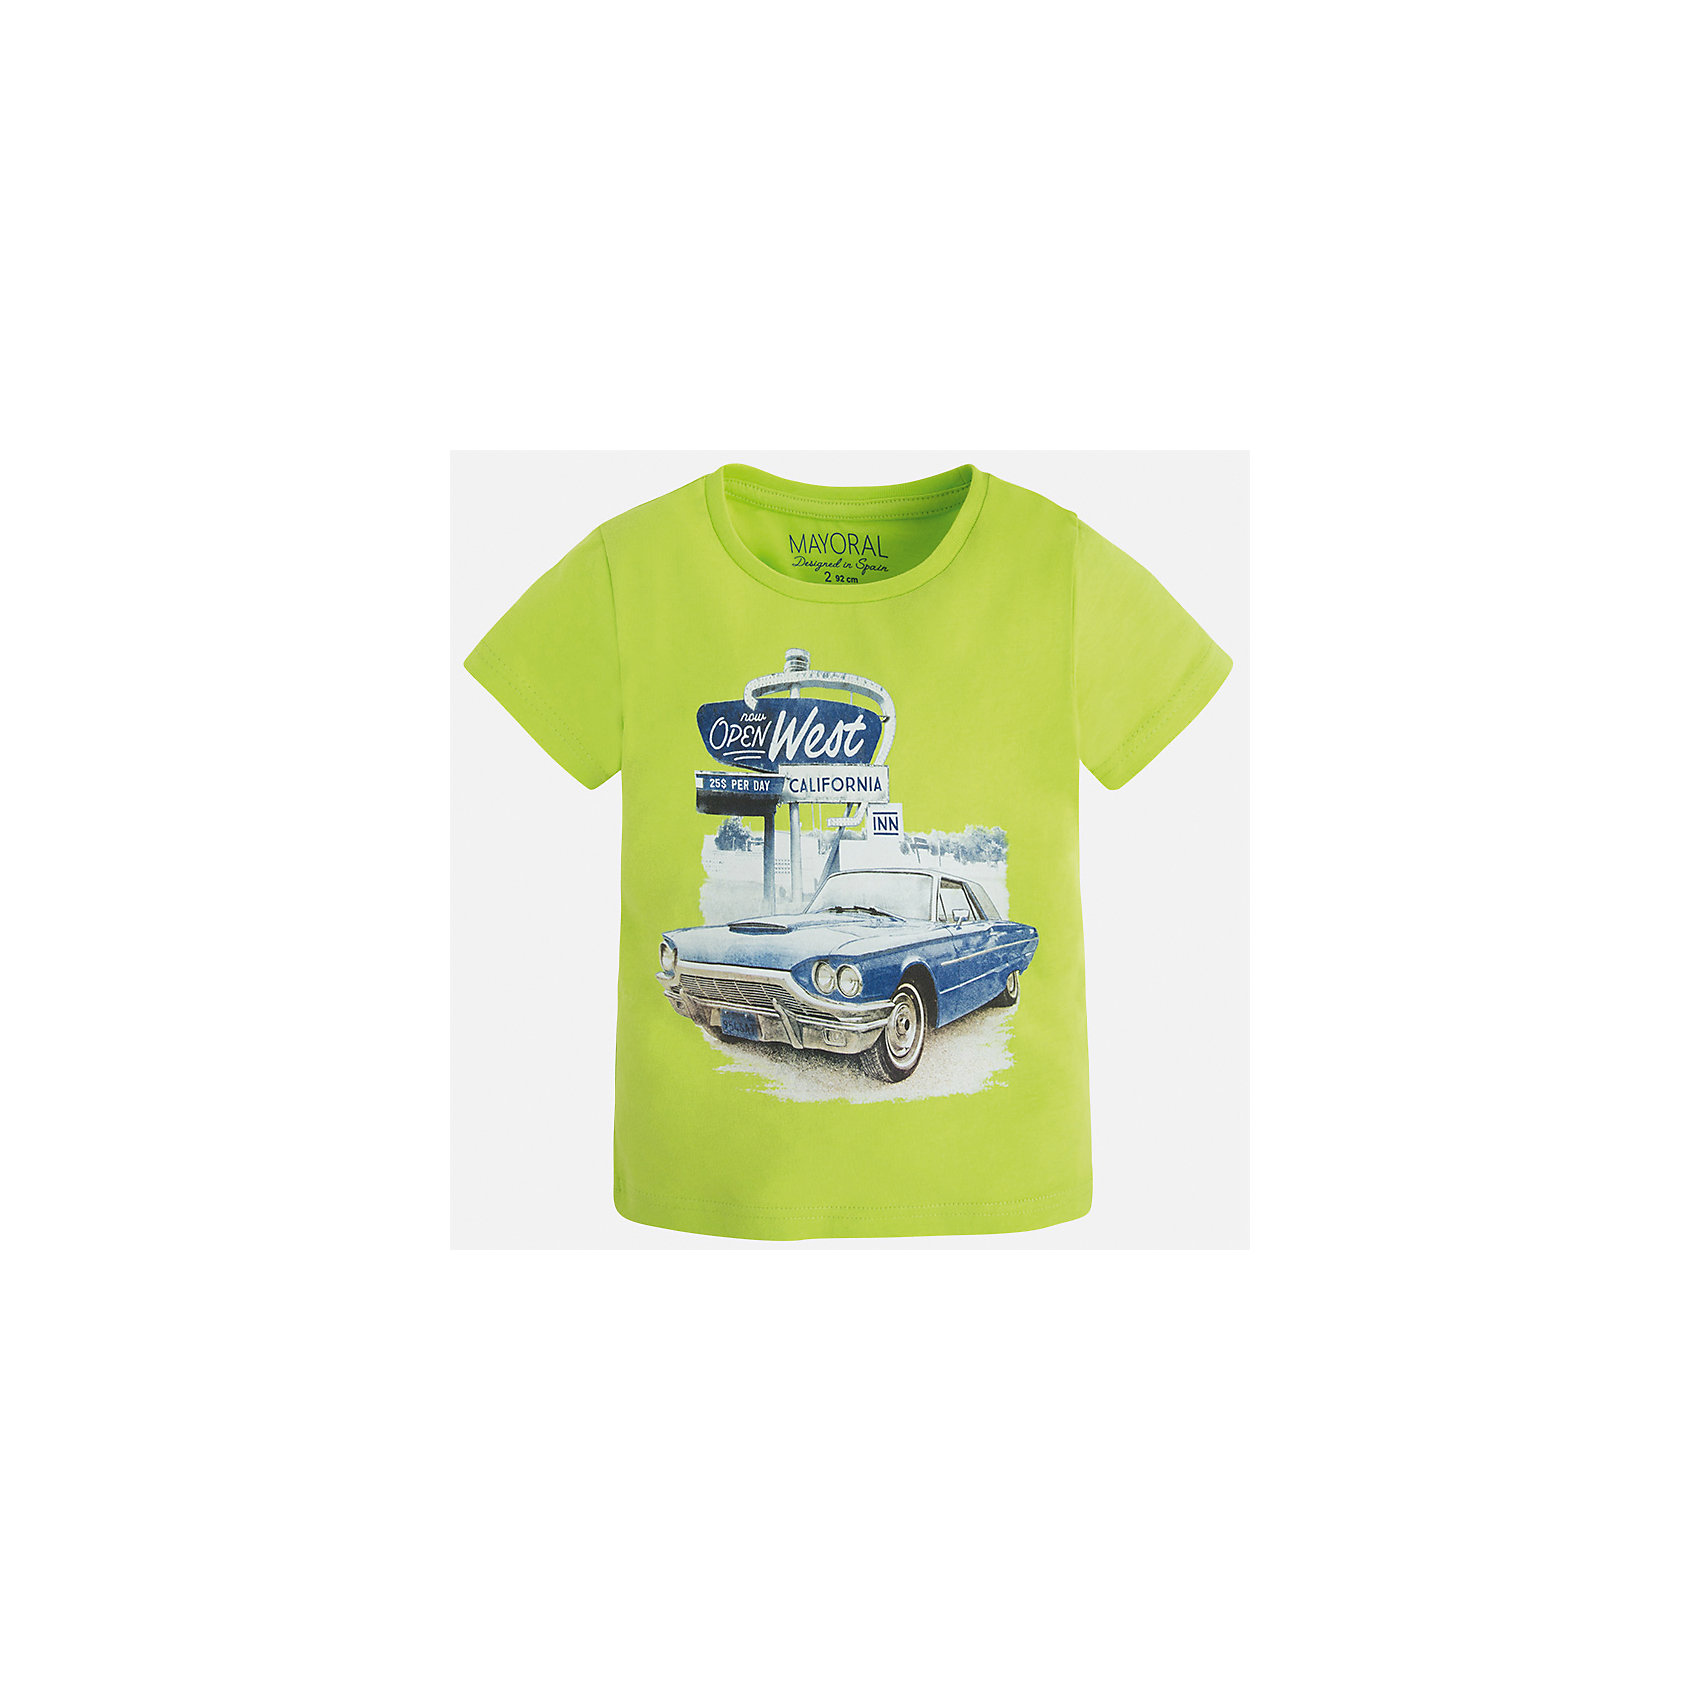 Футболка для мальчика MayoralФутболки, поло и топы<br>Характеристики товара:<br><br>• цвет: зеленый<br>• состав: 100% хлопок<br>• круглый горловой вырез<br>• принт впереди<br>• короткие рукава<br>• отделка горловины<br>• страна бренда: Испания<br><br>Стильная футболка с принтом поможет разнообразить гардероб мальчика. Она отлично сочетается с брюками, шортами, джинсами и т.д. Универсальный крой и цвет позволяет подобрать к вещи низ разных расцветок. Практичное и стильное изделие! В составе материала - только натуральный хлопок, гипоаллергенный, приятный на ощупь, дышащий.<br><br>Одежда, обувь и аксессуары от испанского бренда Mayoral полюбились детям и взрослым по всему миру. Модели этой марки - стильные и удобные. Для их производства используются только безопасные, качественные материалы и фурнитура. Порадуйте ребенка модными и красивыми вещами от Mayoral! <br><br>Футболку для мальчика от испанского бренда Mayoral (Майорал) можно купить в нашем интернет-магазине.<br><br>Ширина мм: 199<br>Глубина мм: 10<br>Высота мм: 161<br>Вес г: 151<br>Цвет: зеленый<br>Возраст от месяцев: 18<br>Возраст до месяцев: 24<br>Пол: Мужской<br>Возраст: Детский<br>Размер: 110,104,98,92,134,128,122,116<br>SKU: 5280092